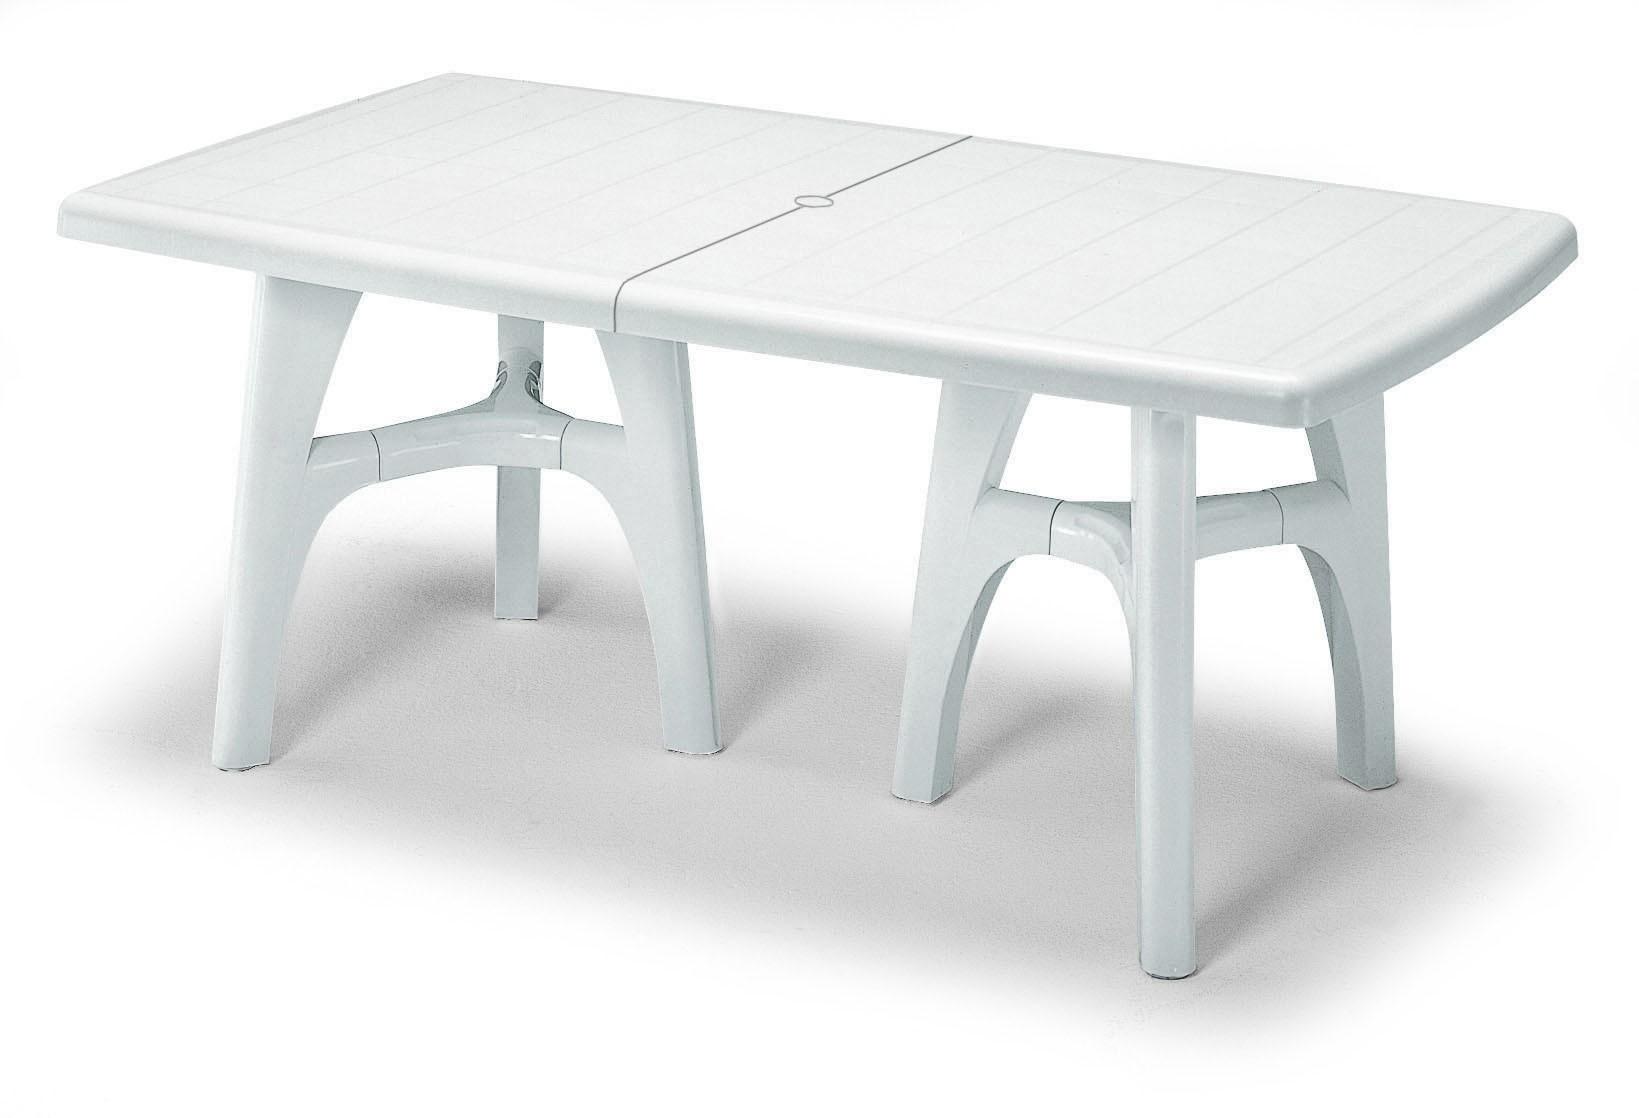 Casa immobiliare accessori tavoli in resina allungabili for Offerte tavoli da esterno